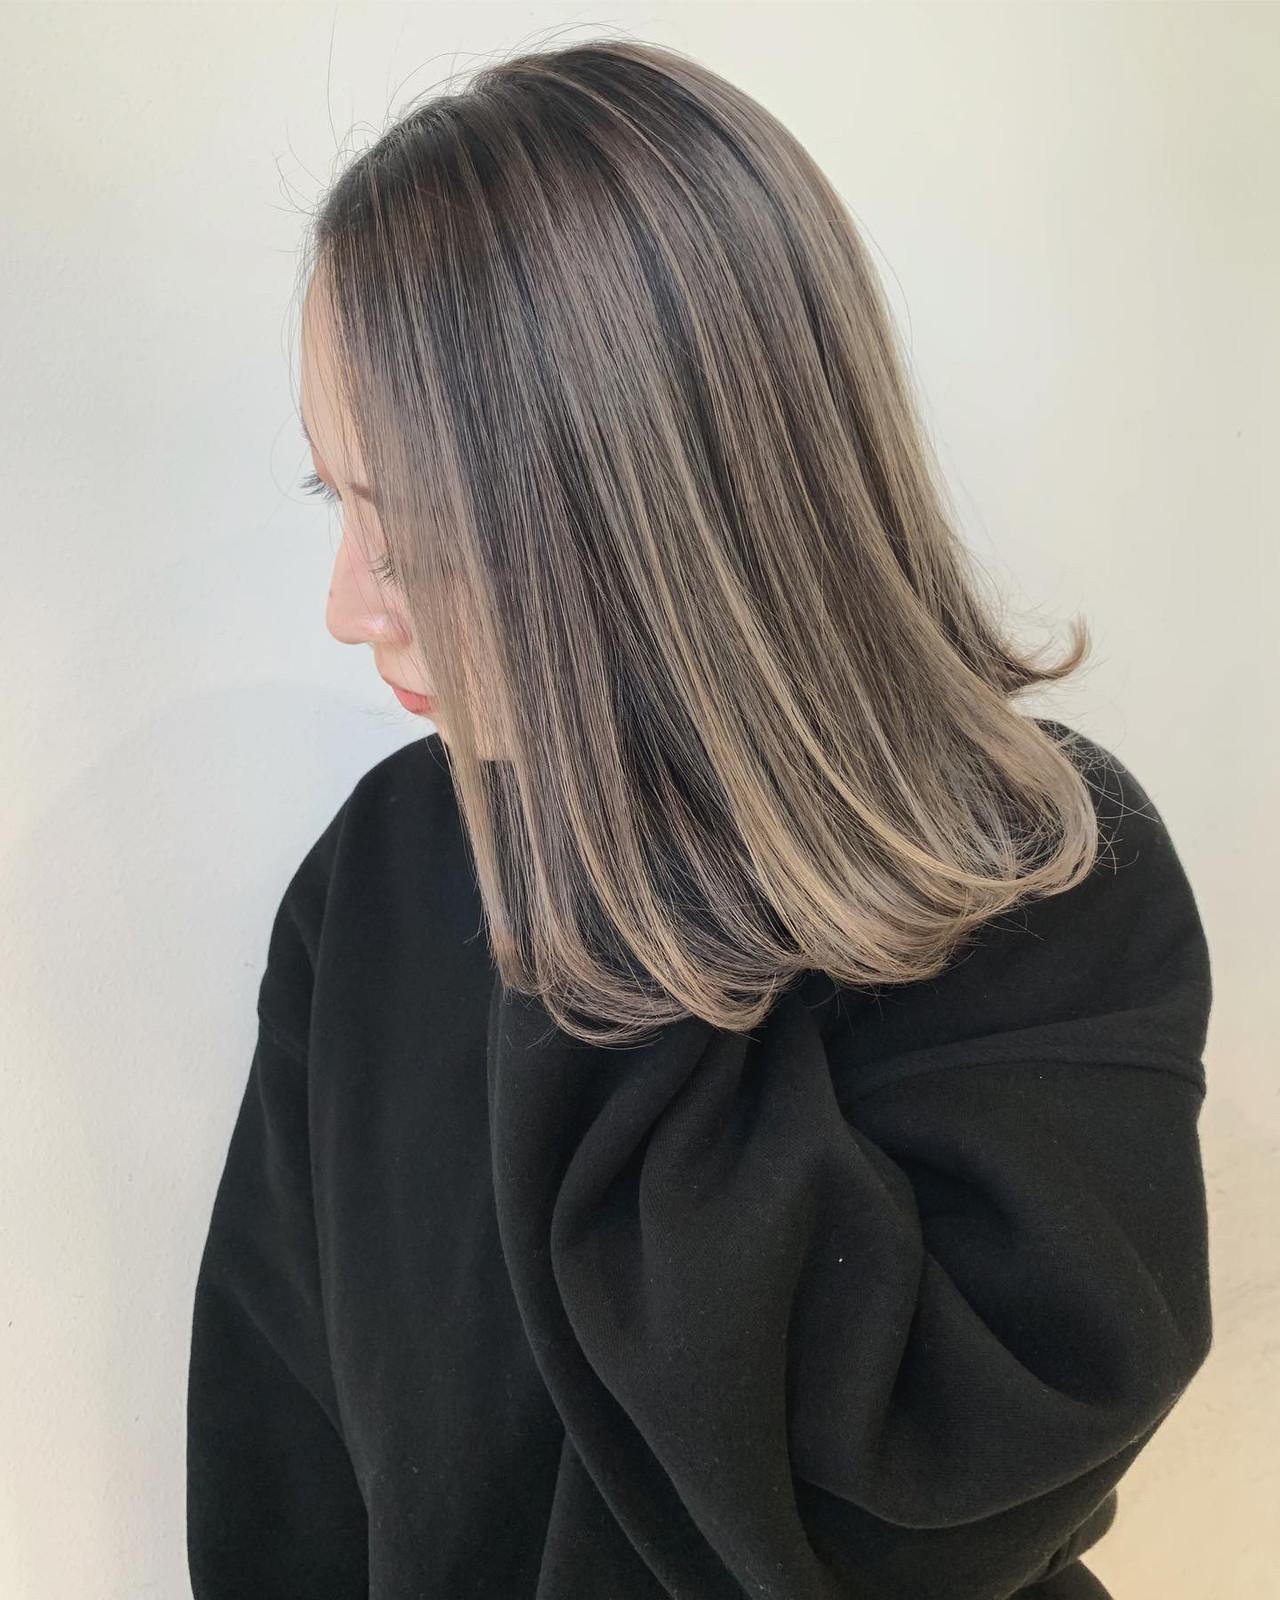 バレイヤージュ エレガント インナーカラー ミディアム ヘアスタイルや髪型の写真・画像 | 【ALIVE原宿】野口 靖矢 / ALIVE harajuku